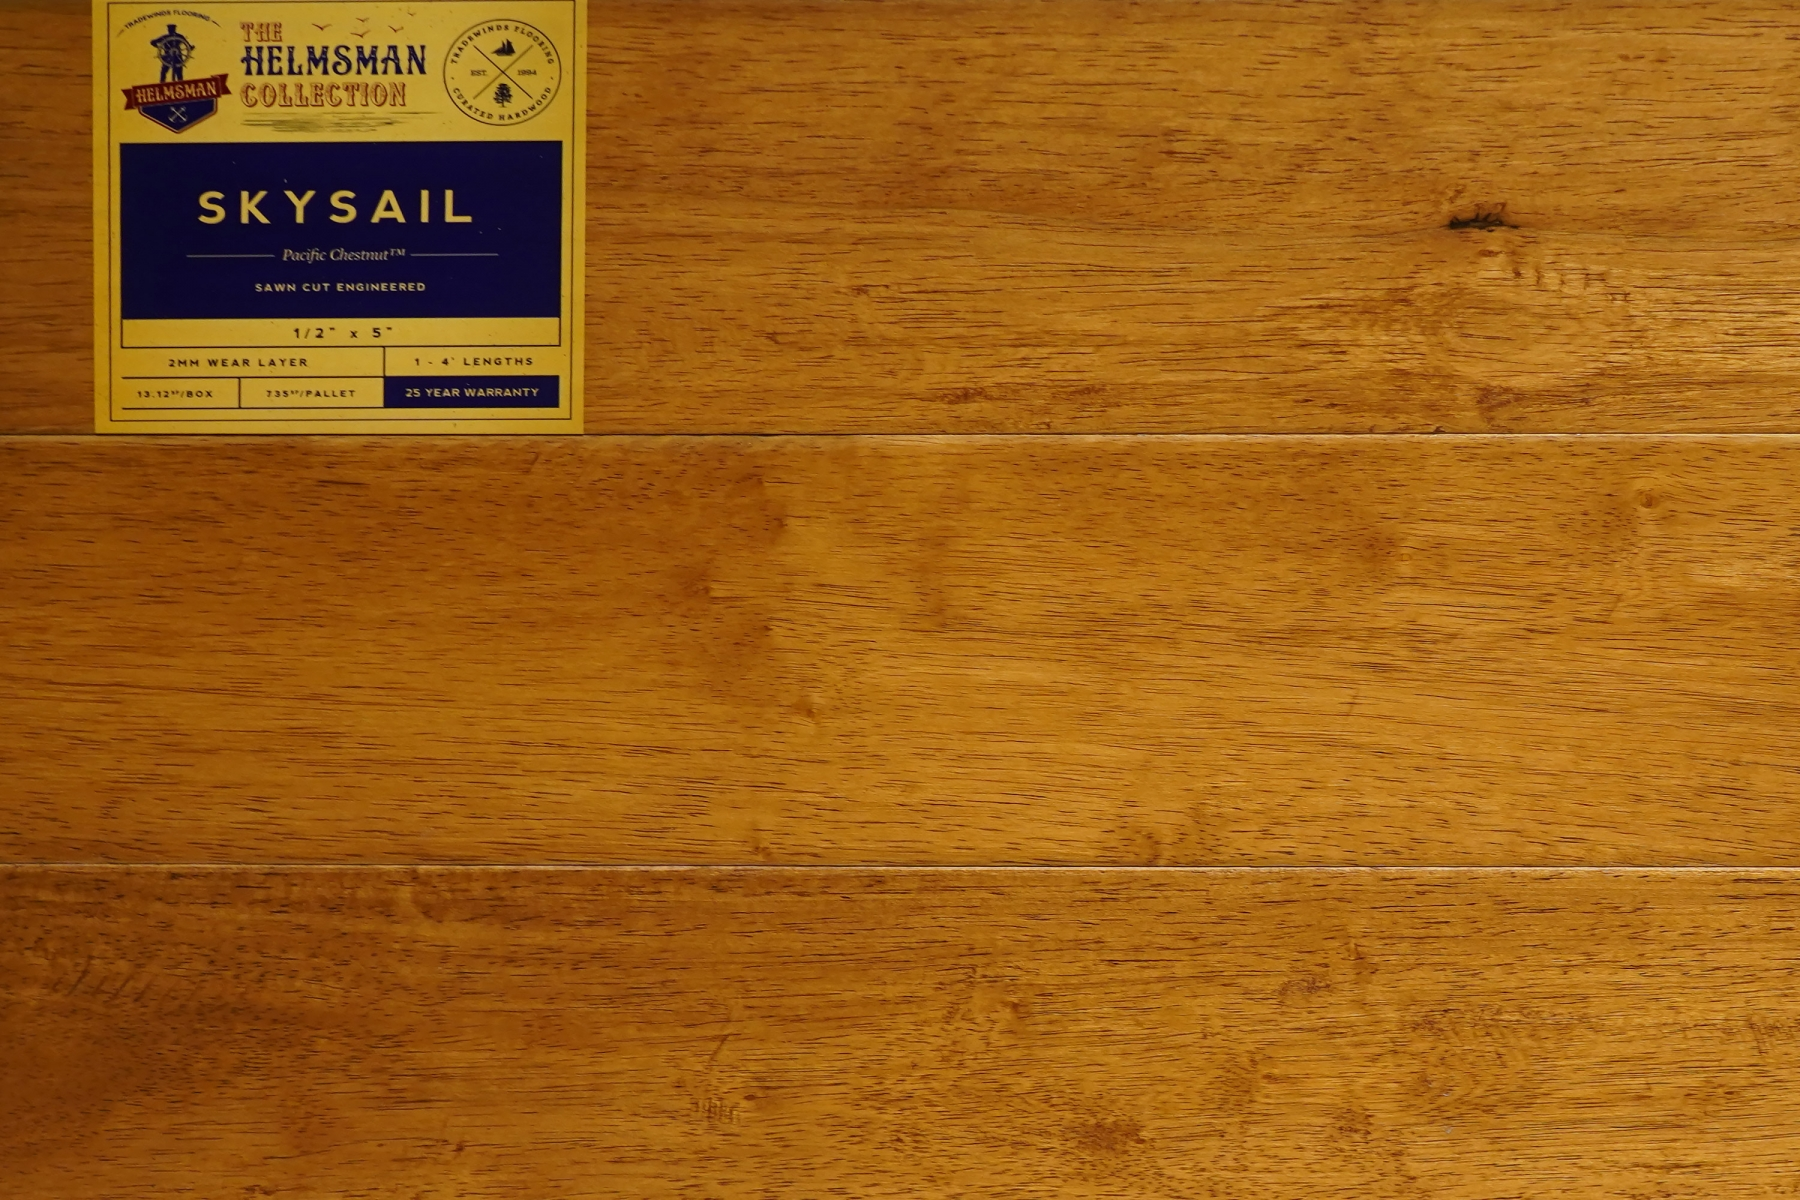 Helmsman - Skysail